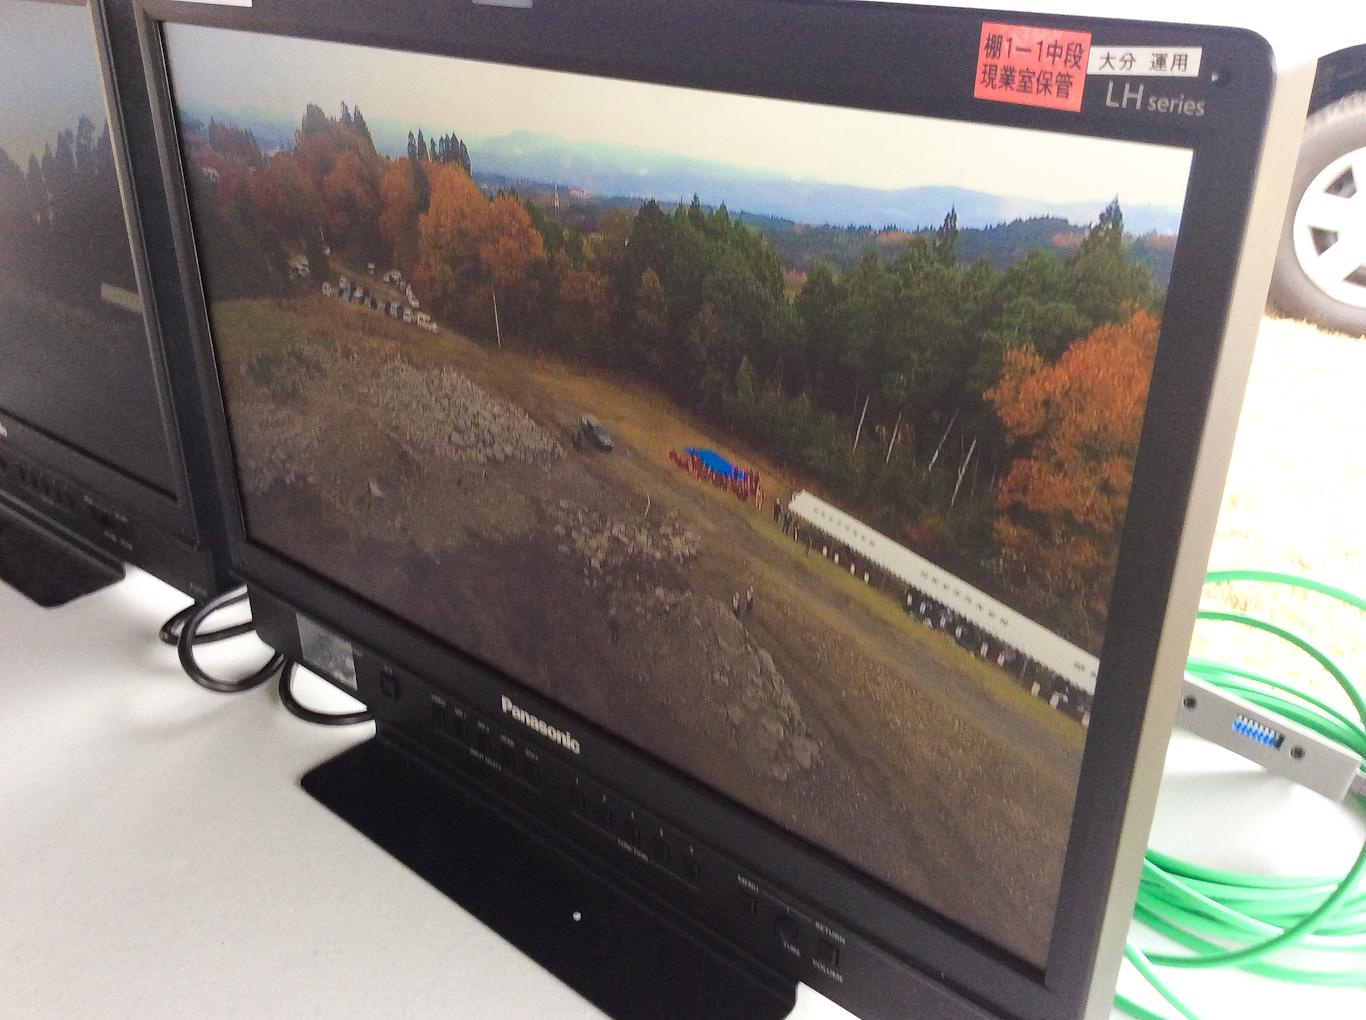 モニターに映し出されたドローンに拠る空撮映像_防災訓練2019